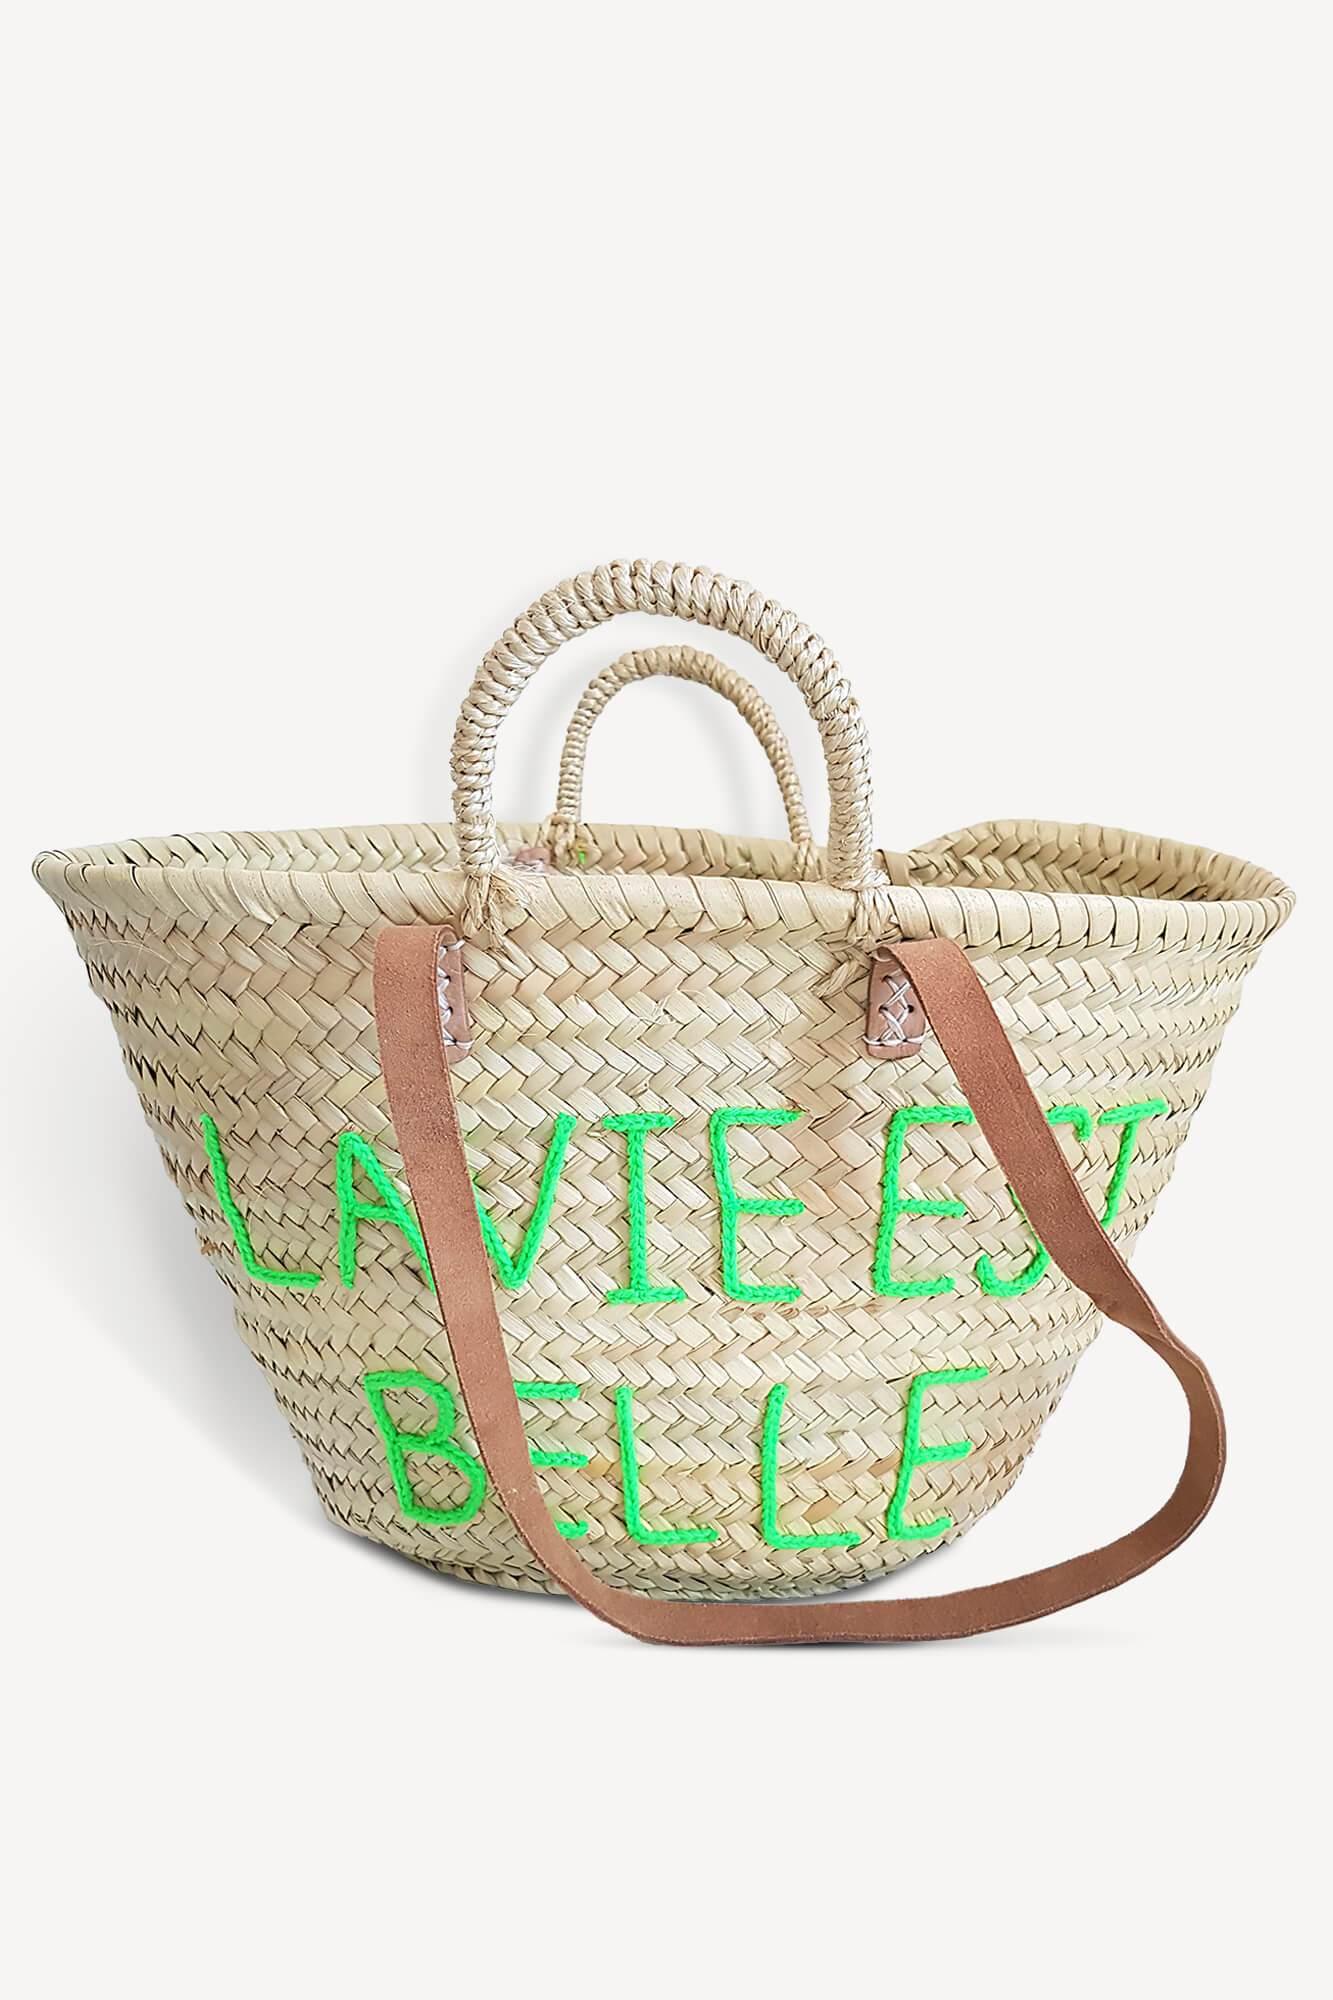 panier de plage avec motif en tricotin la vie est belle vert